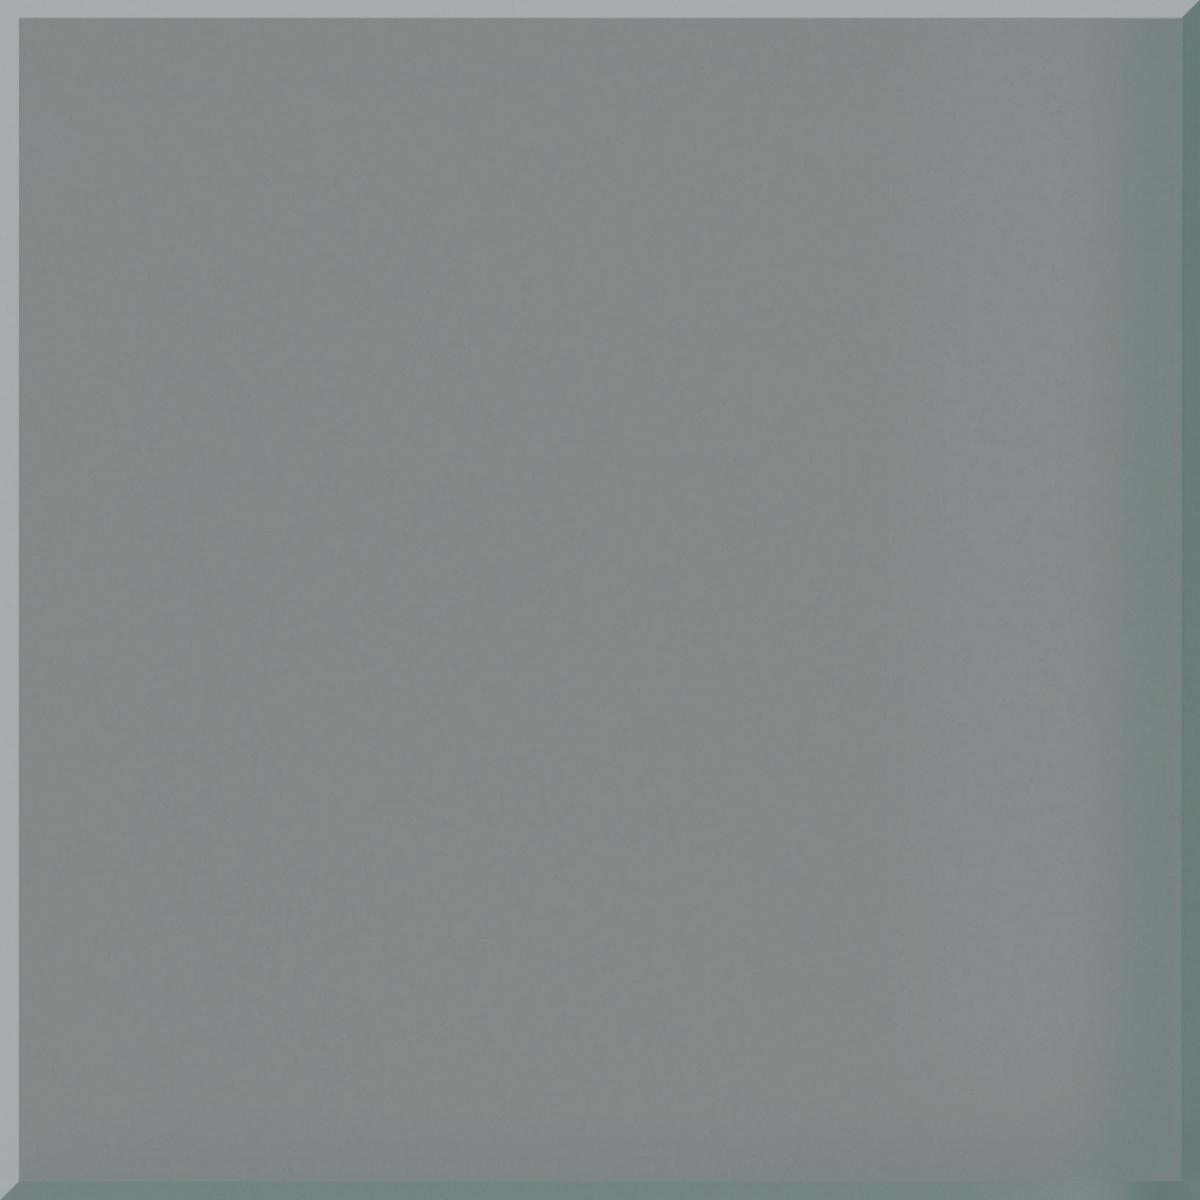 Nadstawka na Ladę Recepcyjną Victor V 066 B - RAL 7040 Fenstergrau